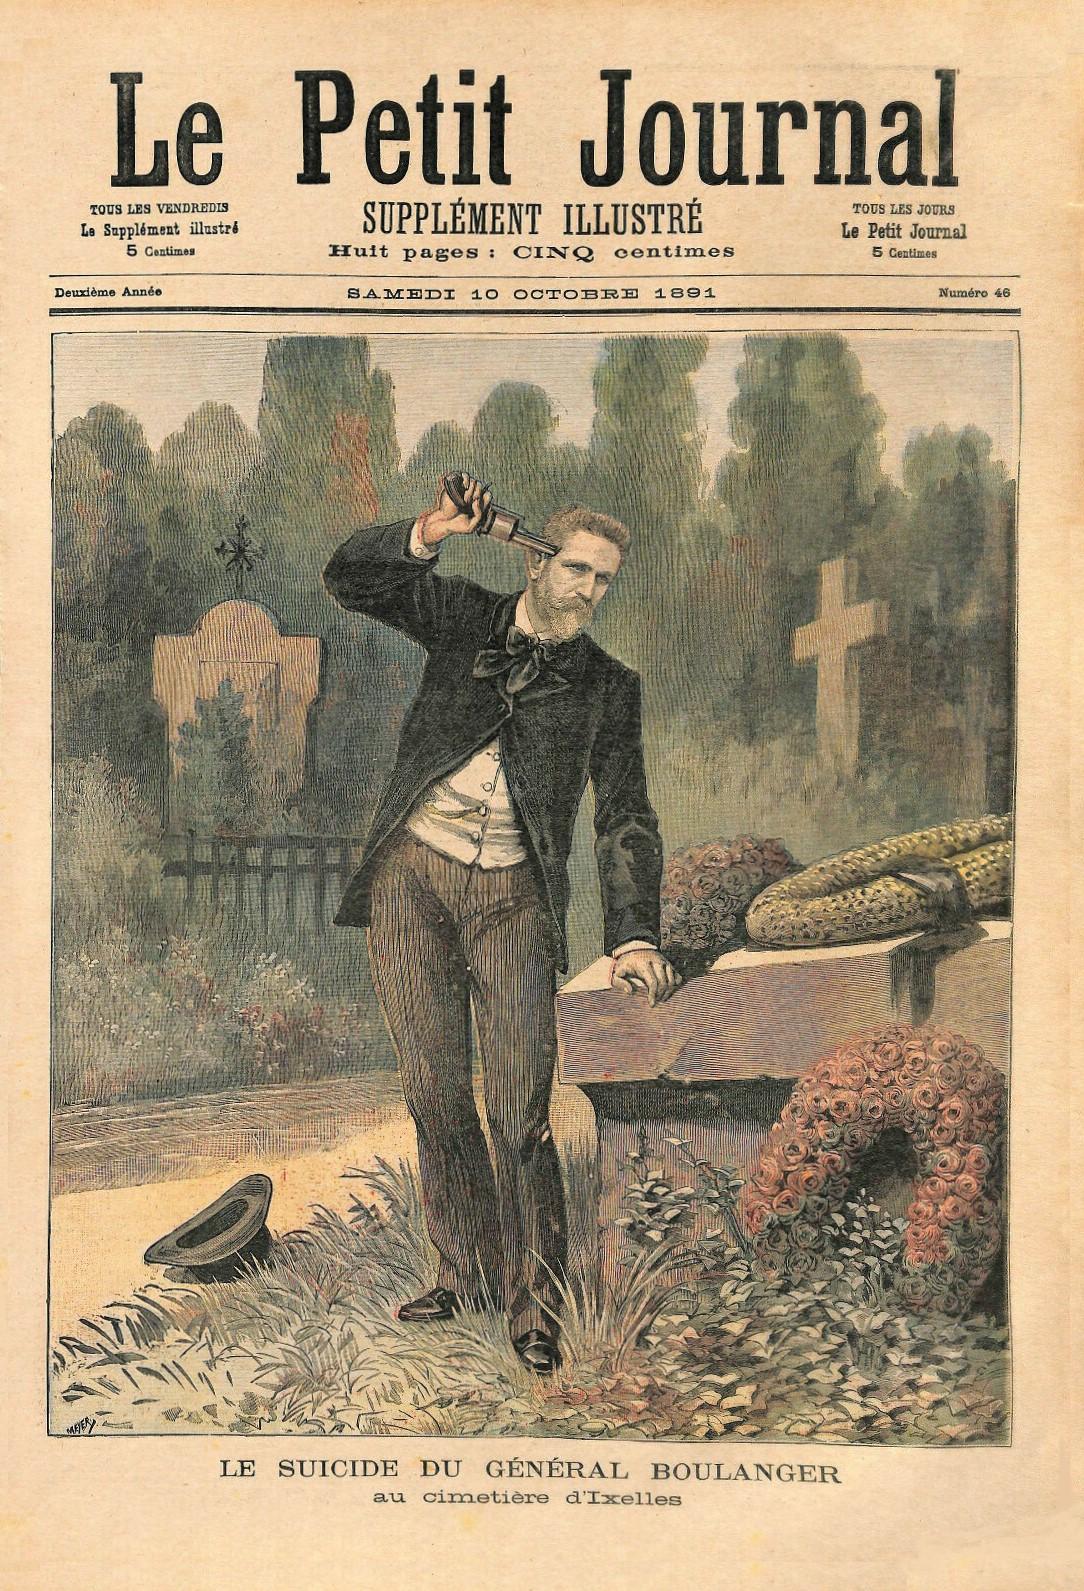 http://upload.wikimedia.org/wikipedia/commons/e/ea/Boulanger.jpg